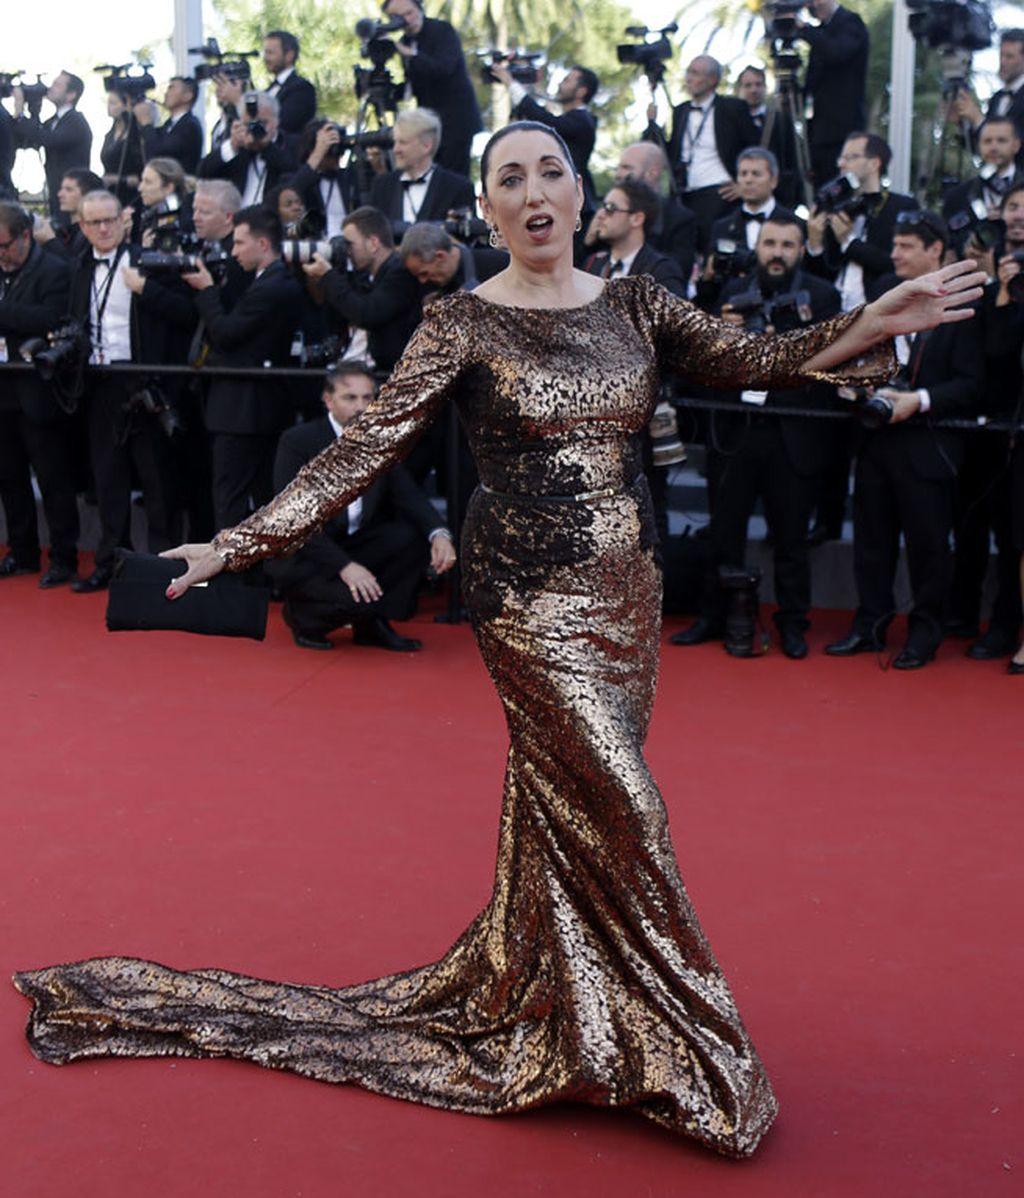 Rossy De Palma, con vestido de manga larga con cola bañado en bronce